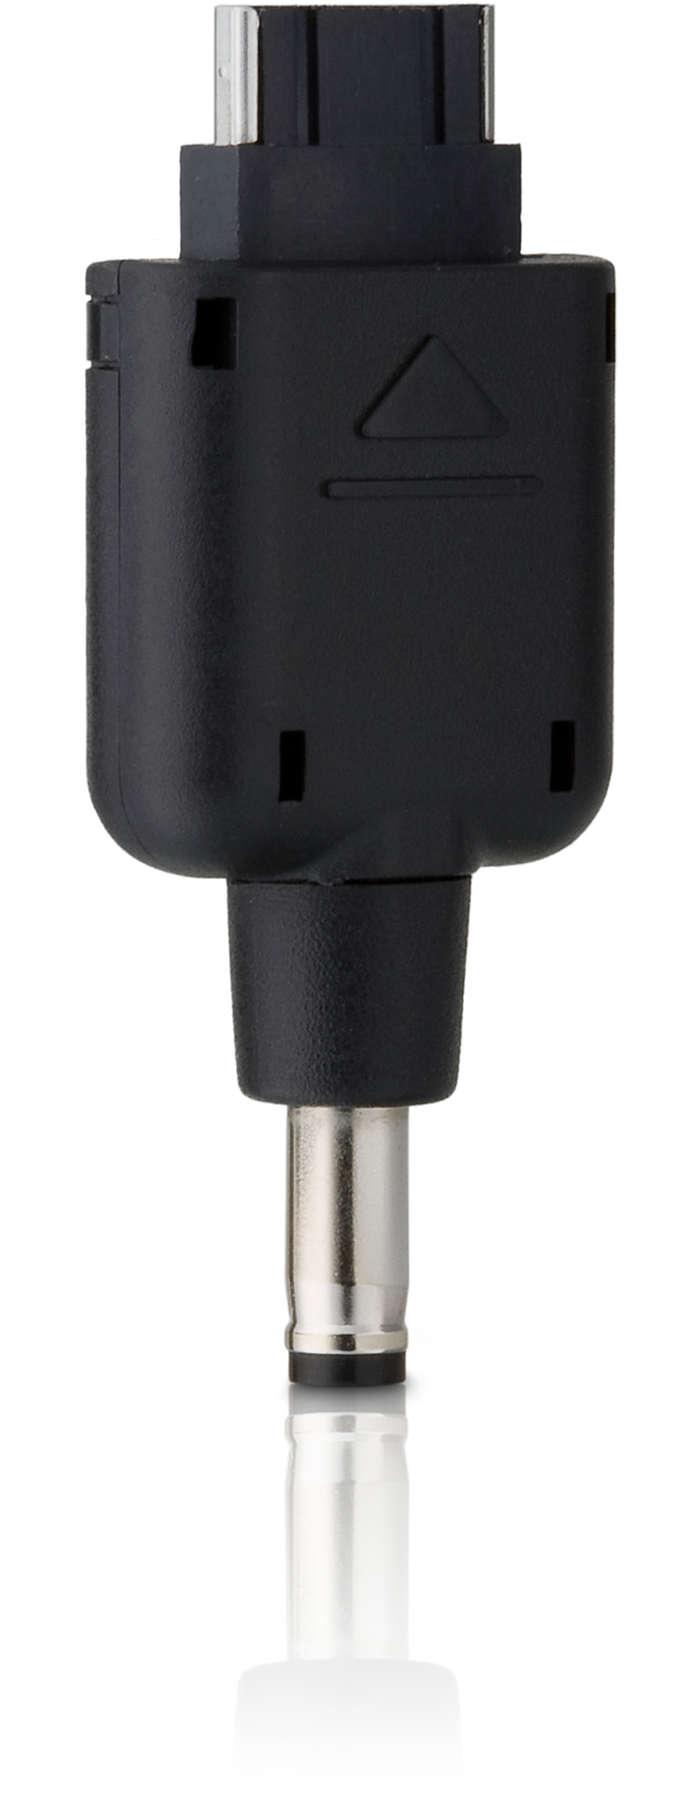 Anschlussstecker für LG Chocolate-Telefone